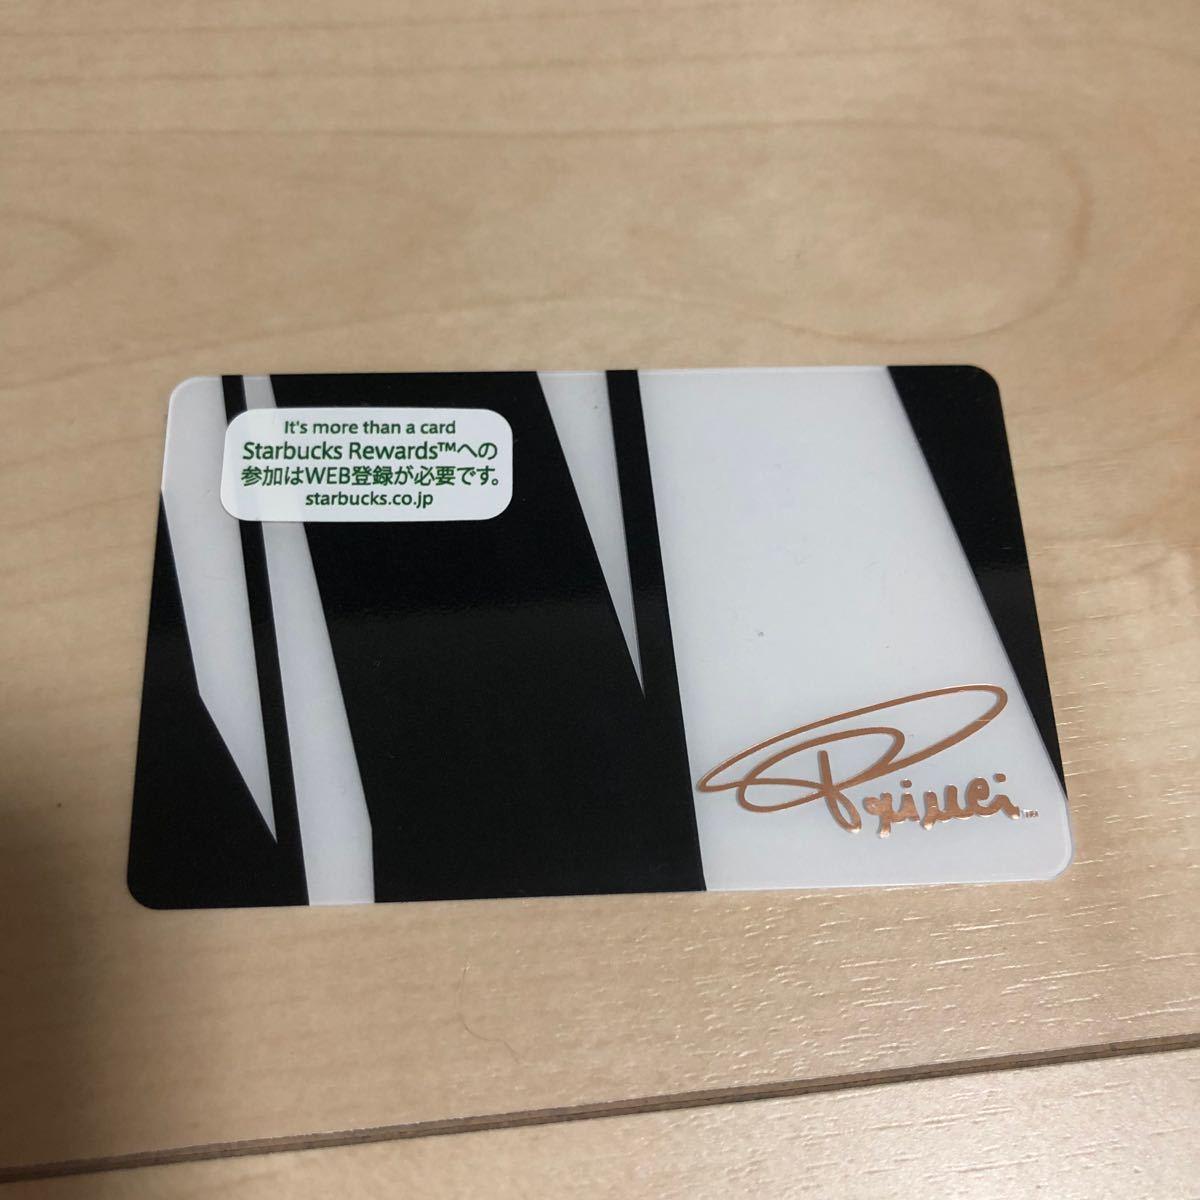 スターバックス プリンチ限定カード プレゼント用カバー付き